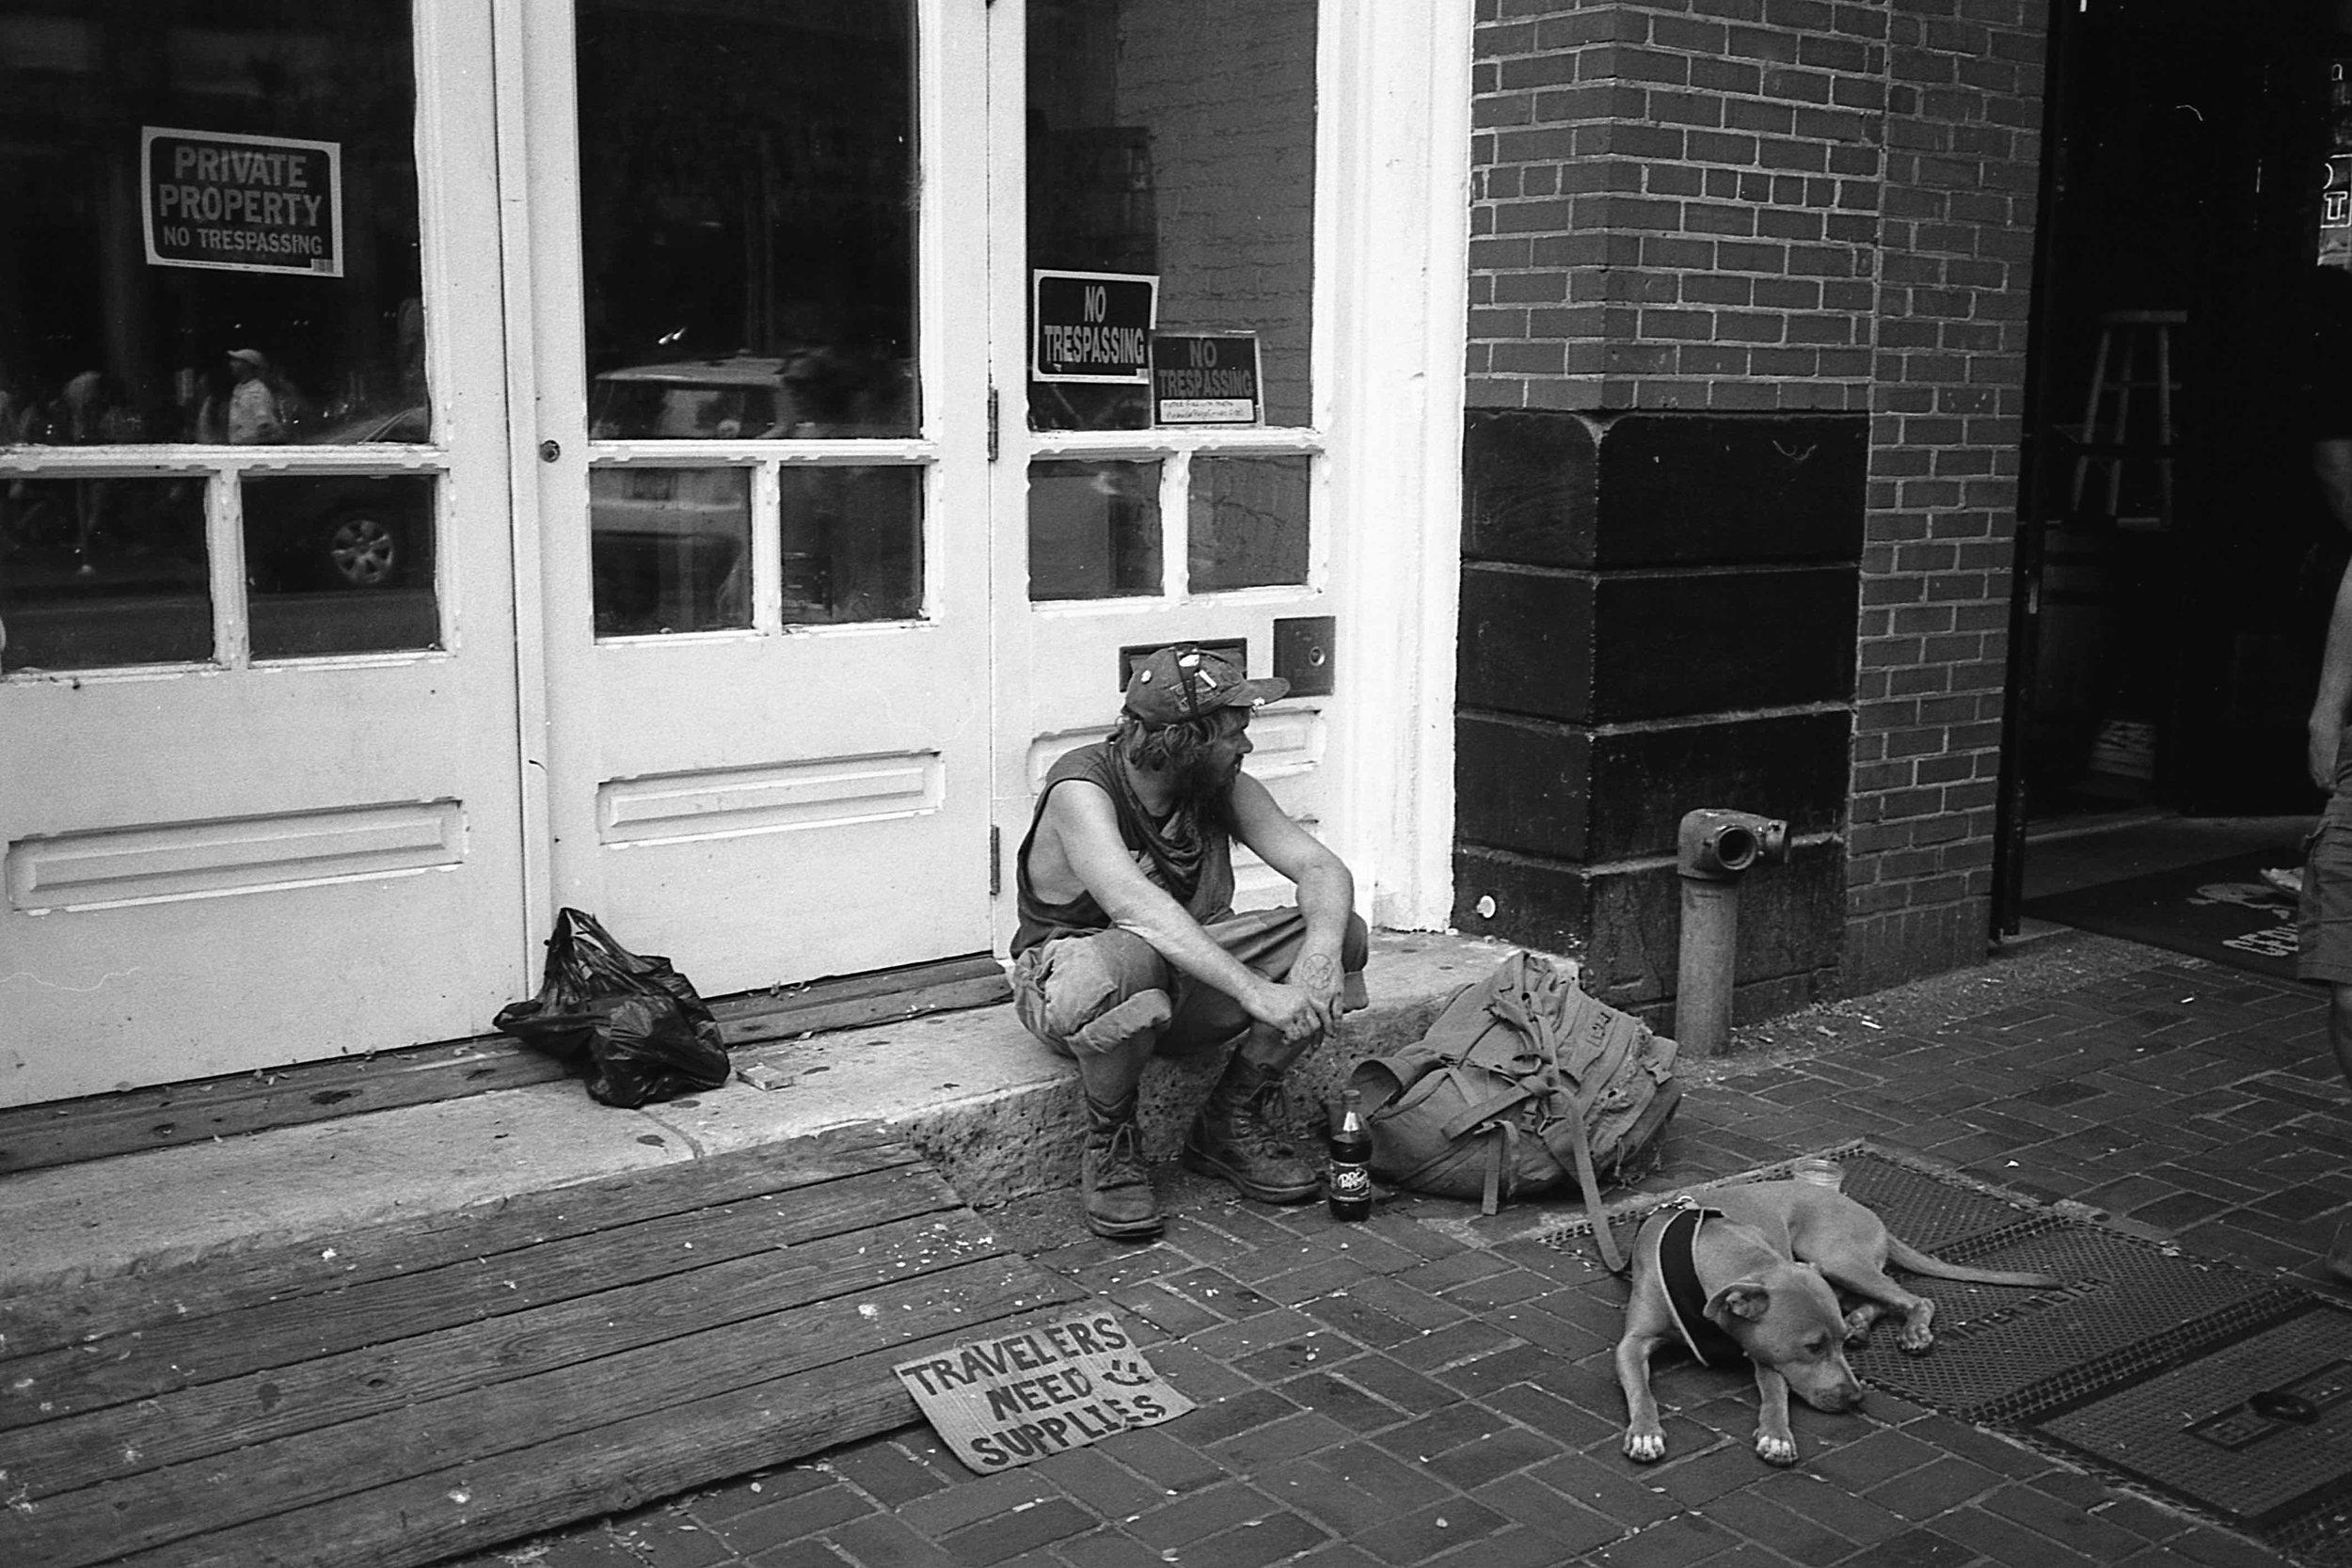 Matt Pittman / Ilford Panf 50 / Leica M7 / Nashville, TN